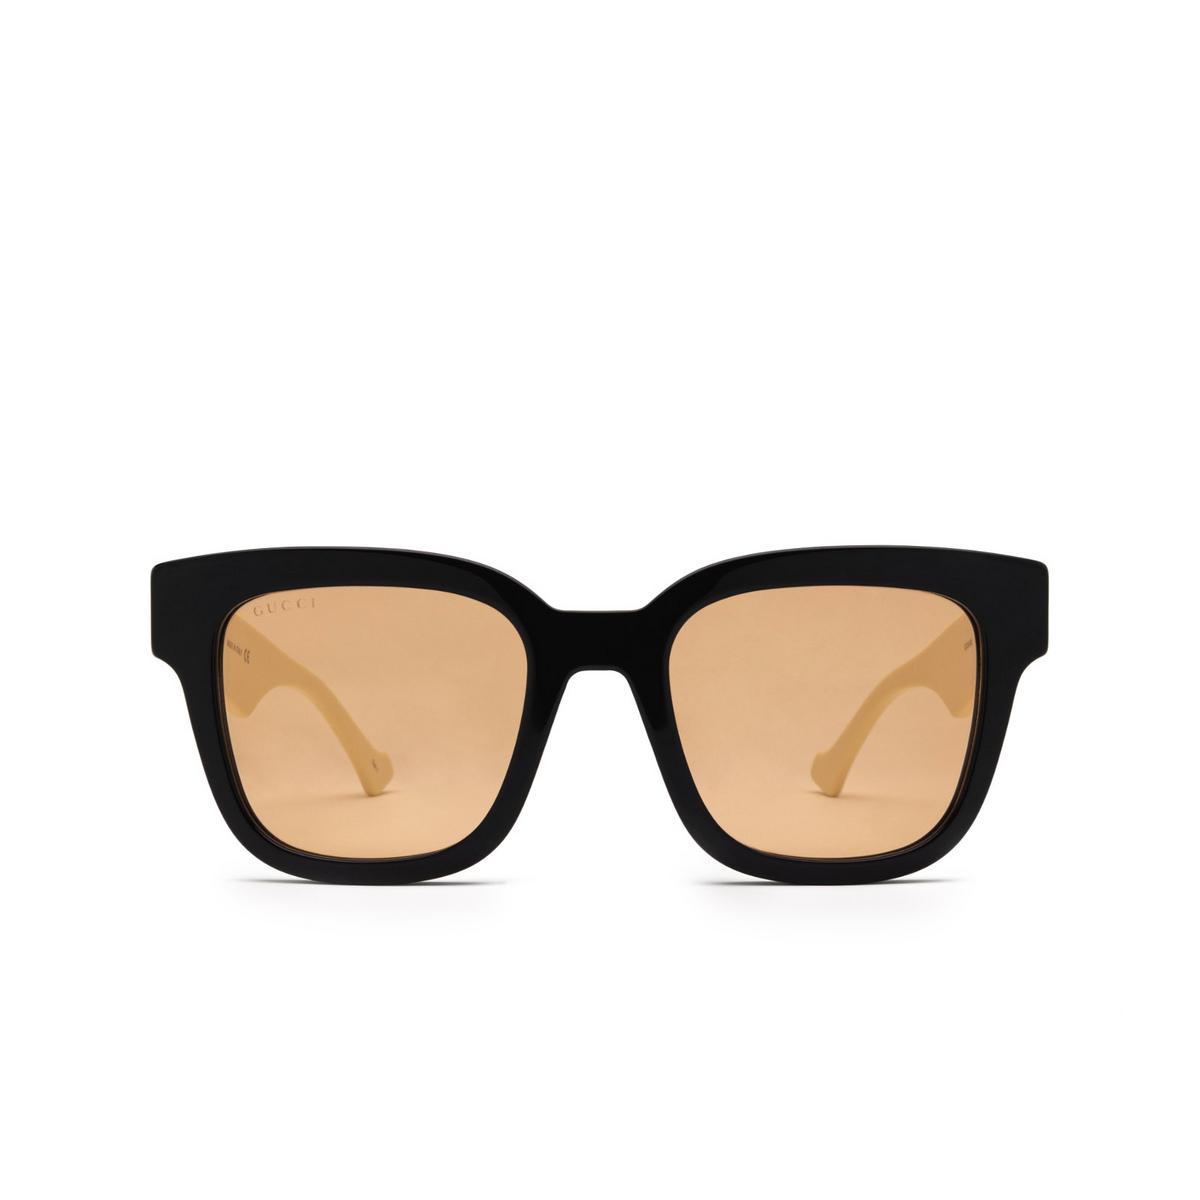 Gucci® Square Sunglasses: GG0998S color Black 002 - front view.